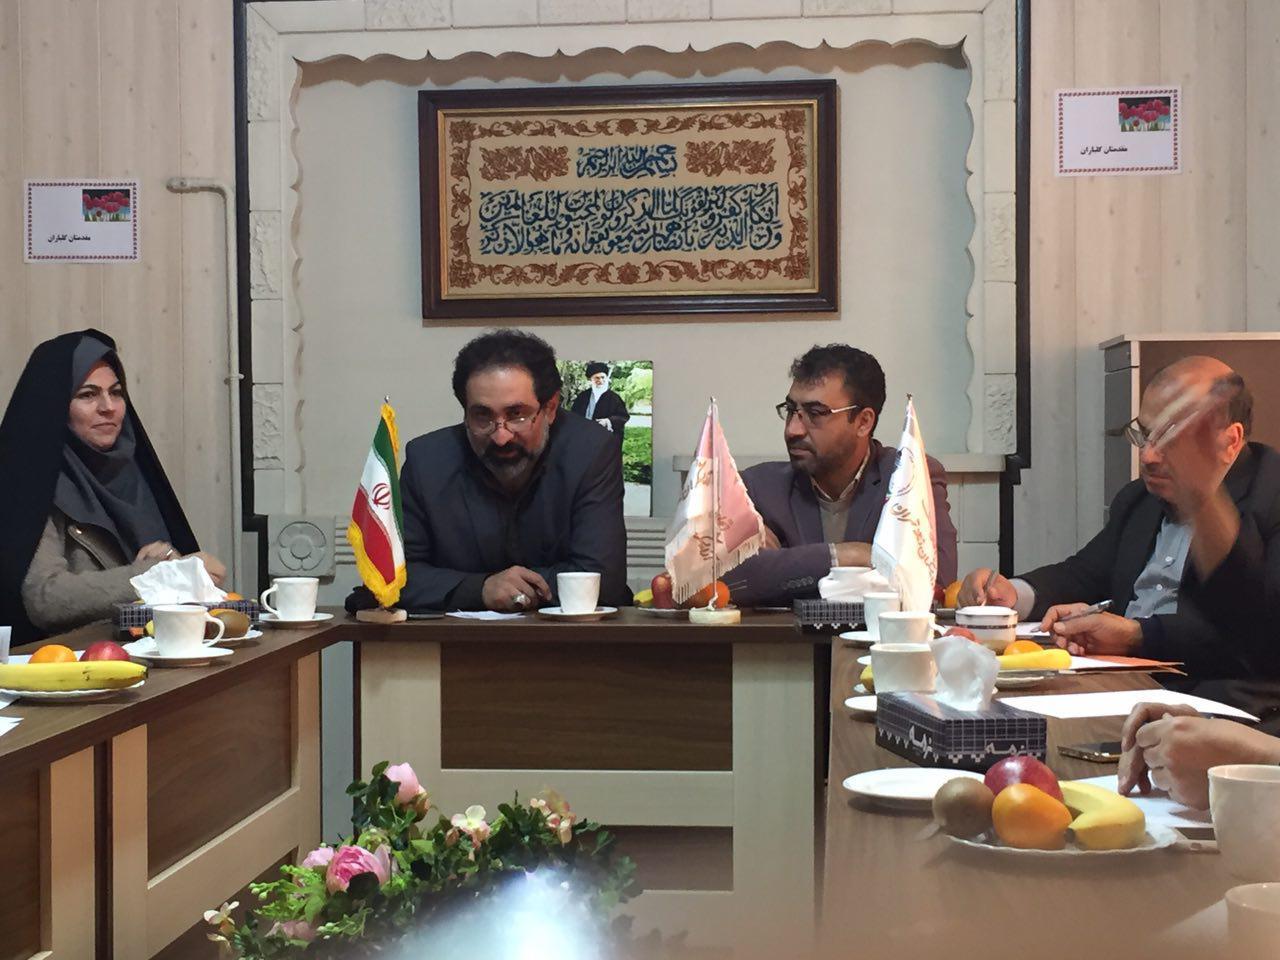 گزارش تصویری از نشست هيّئت مديره اتحاديه با مسئولين ورياست بازرسي اصناف